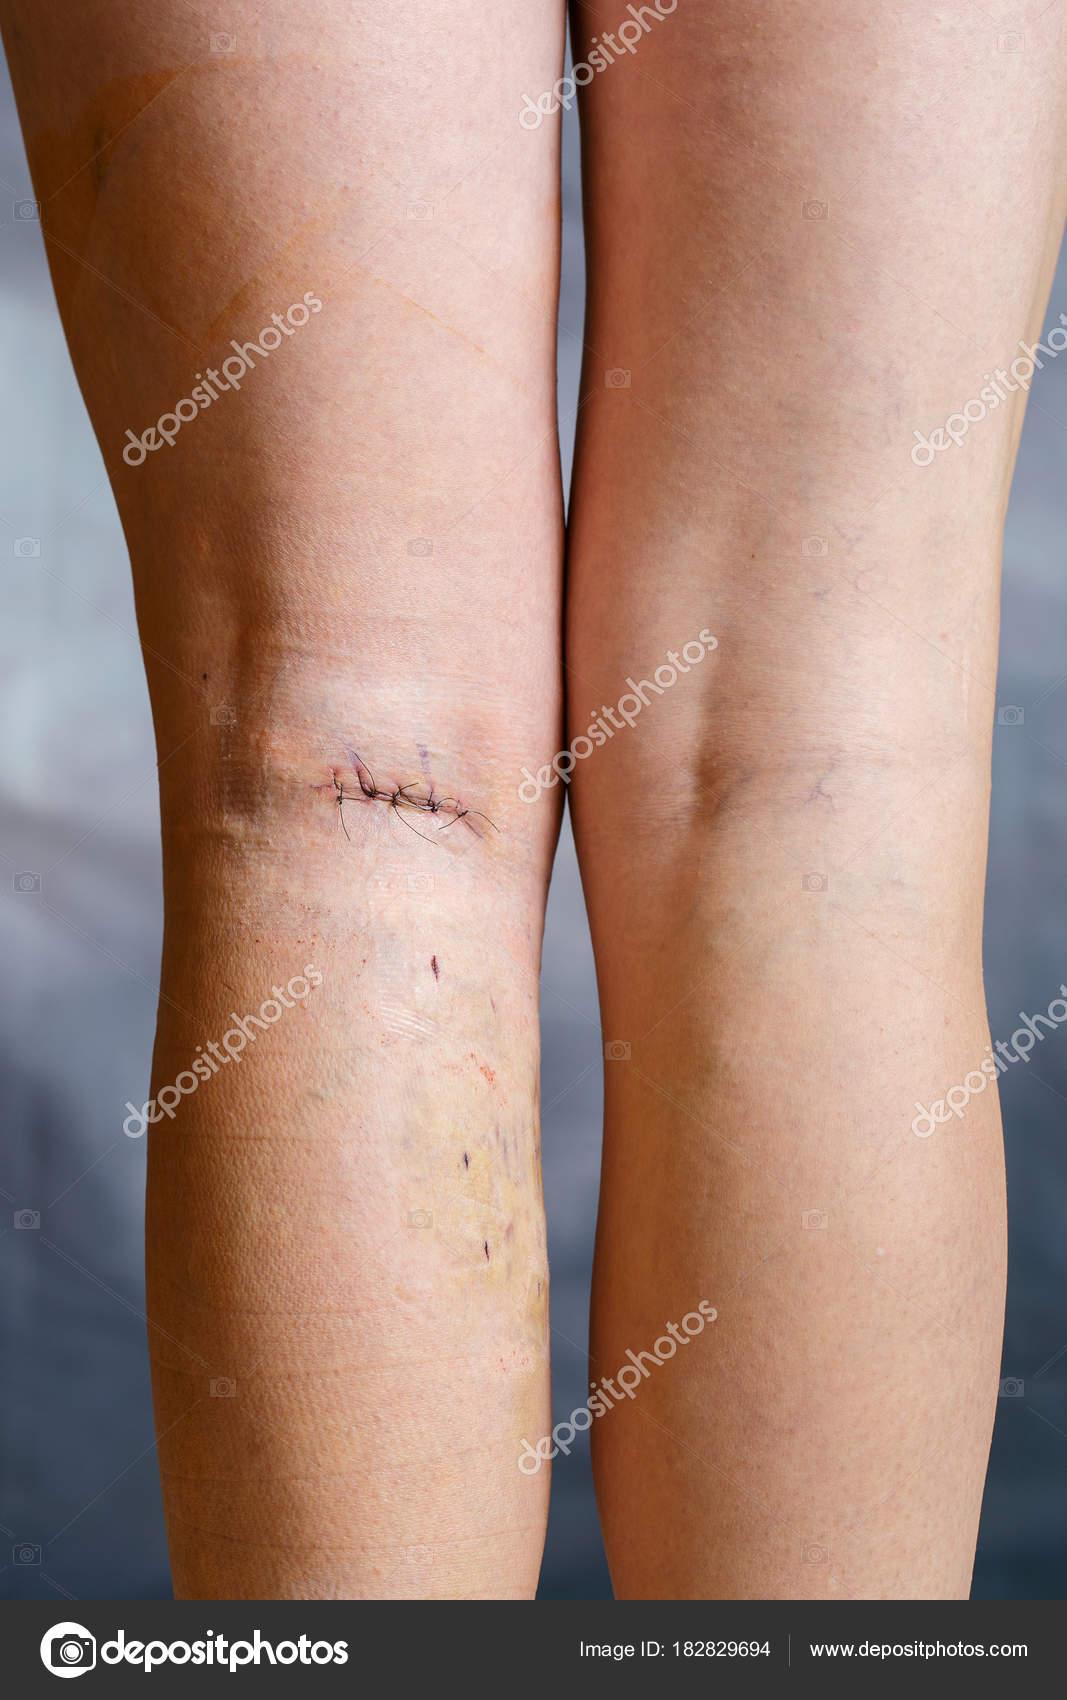 que hacer despues de una trombosis en la pierna